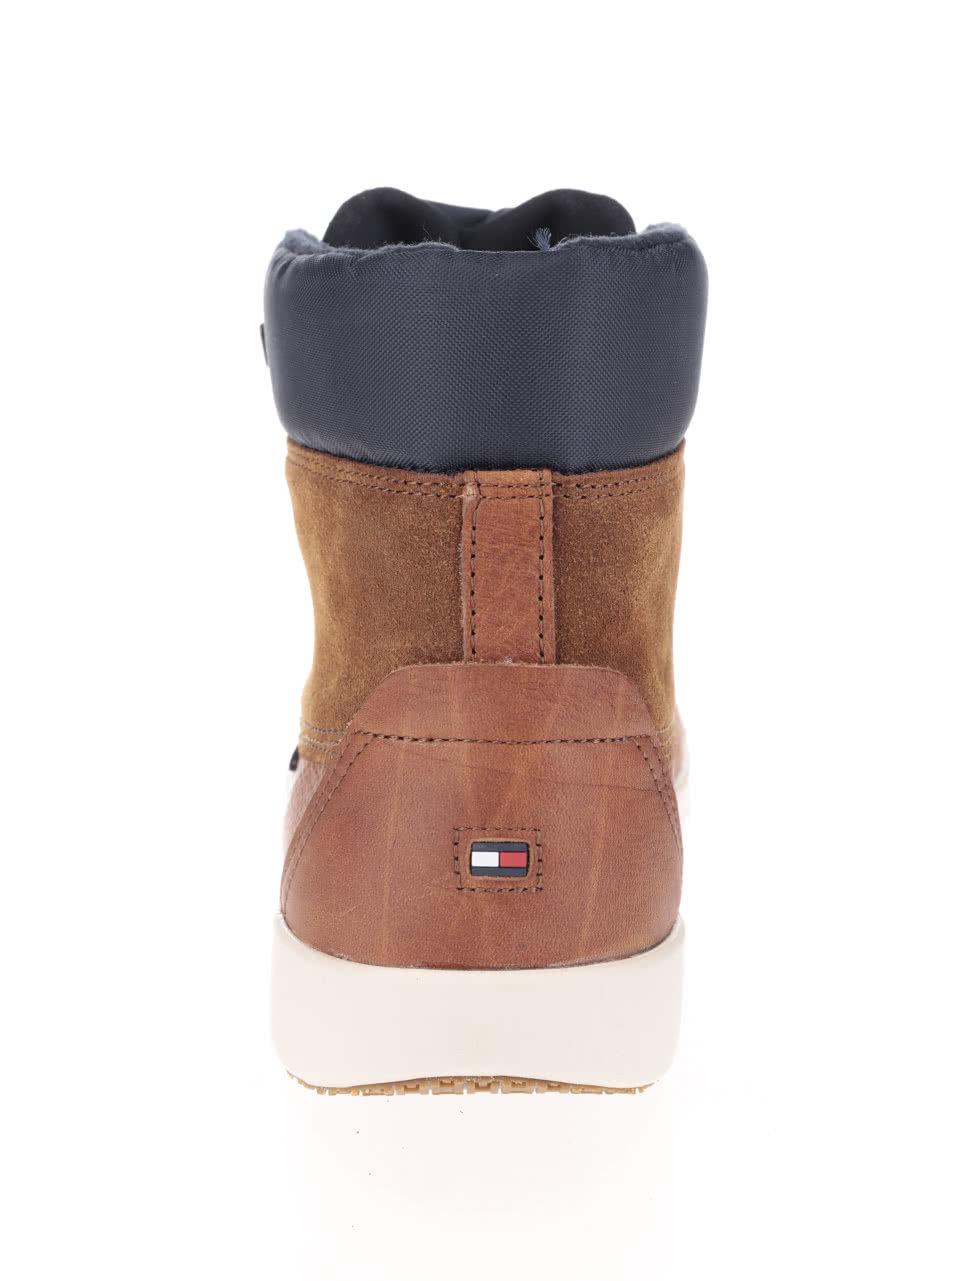 ccbaa218ec Svetlohnedé kožené pánske topánky s modrým lemom Tommy Hilfiger ...